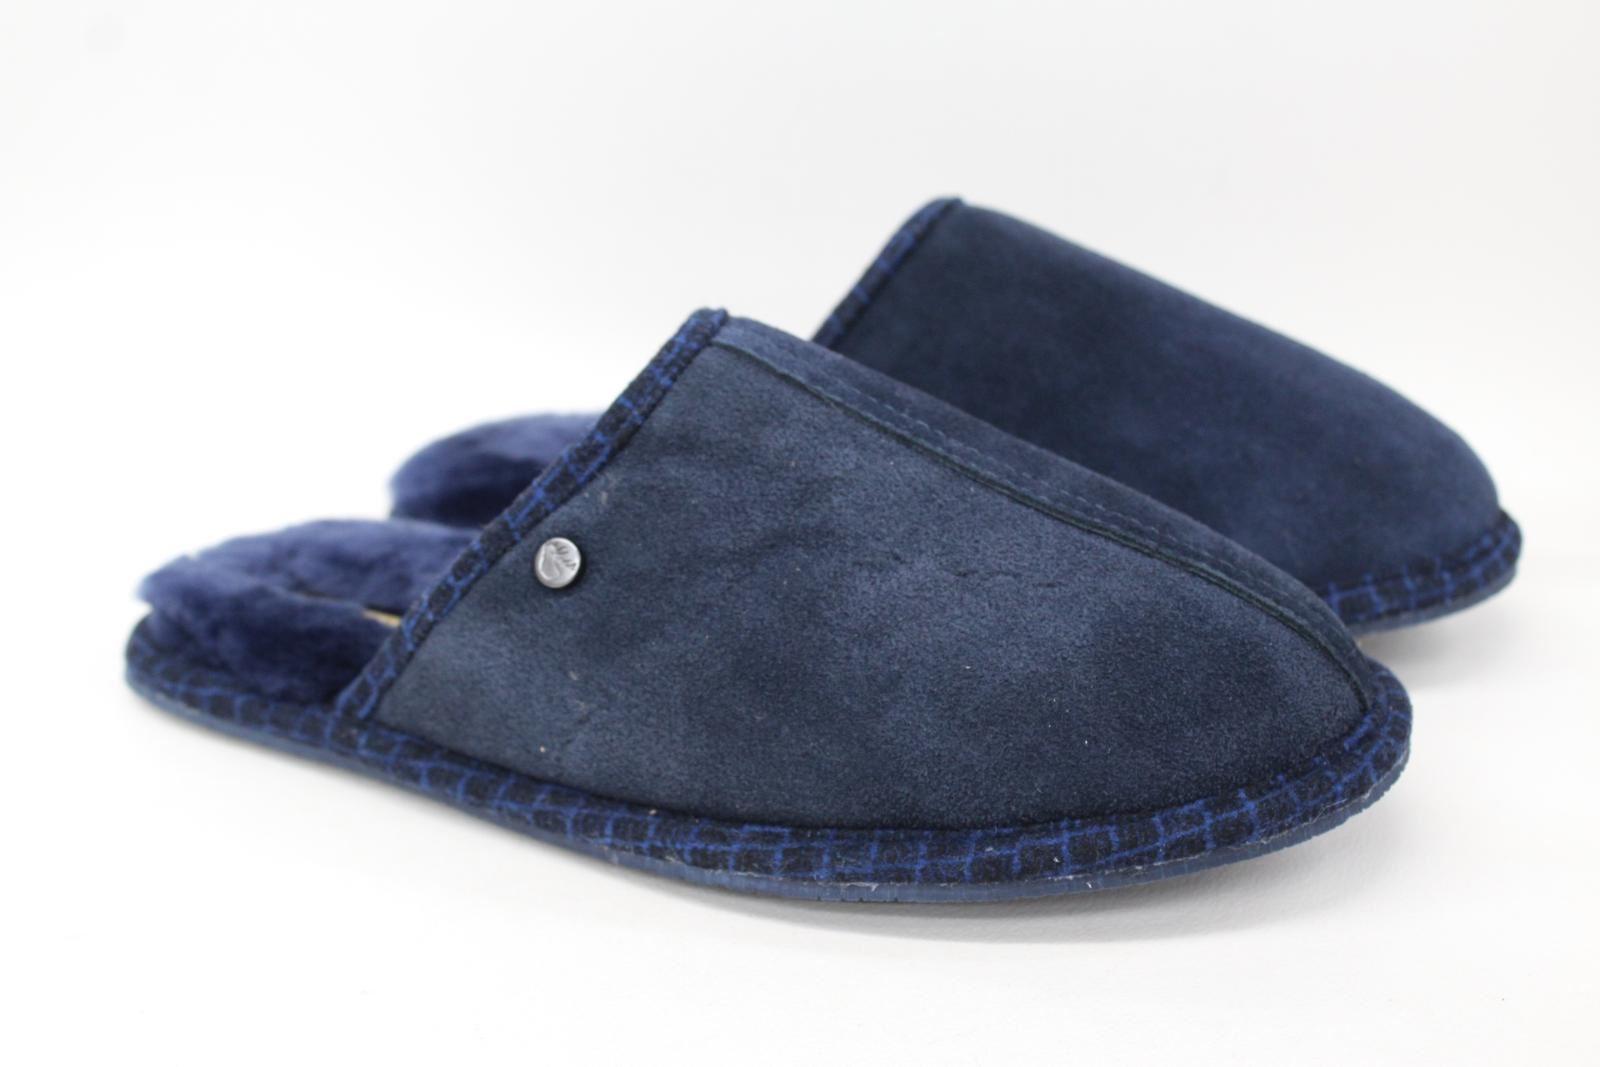 éNergique Goodwin Smith Homme Bleu Marine En Peau De Mouton Slip On Mule Pantoufles Uk8 Eu42 Nouveau